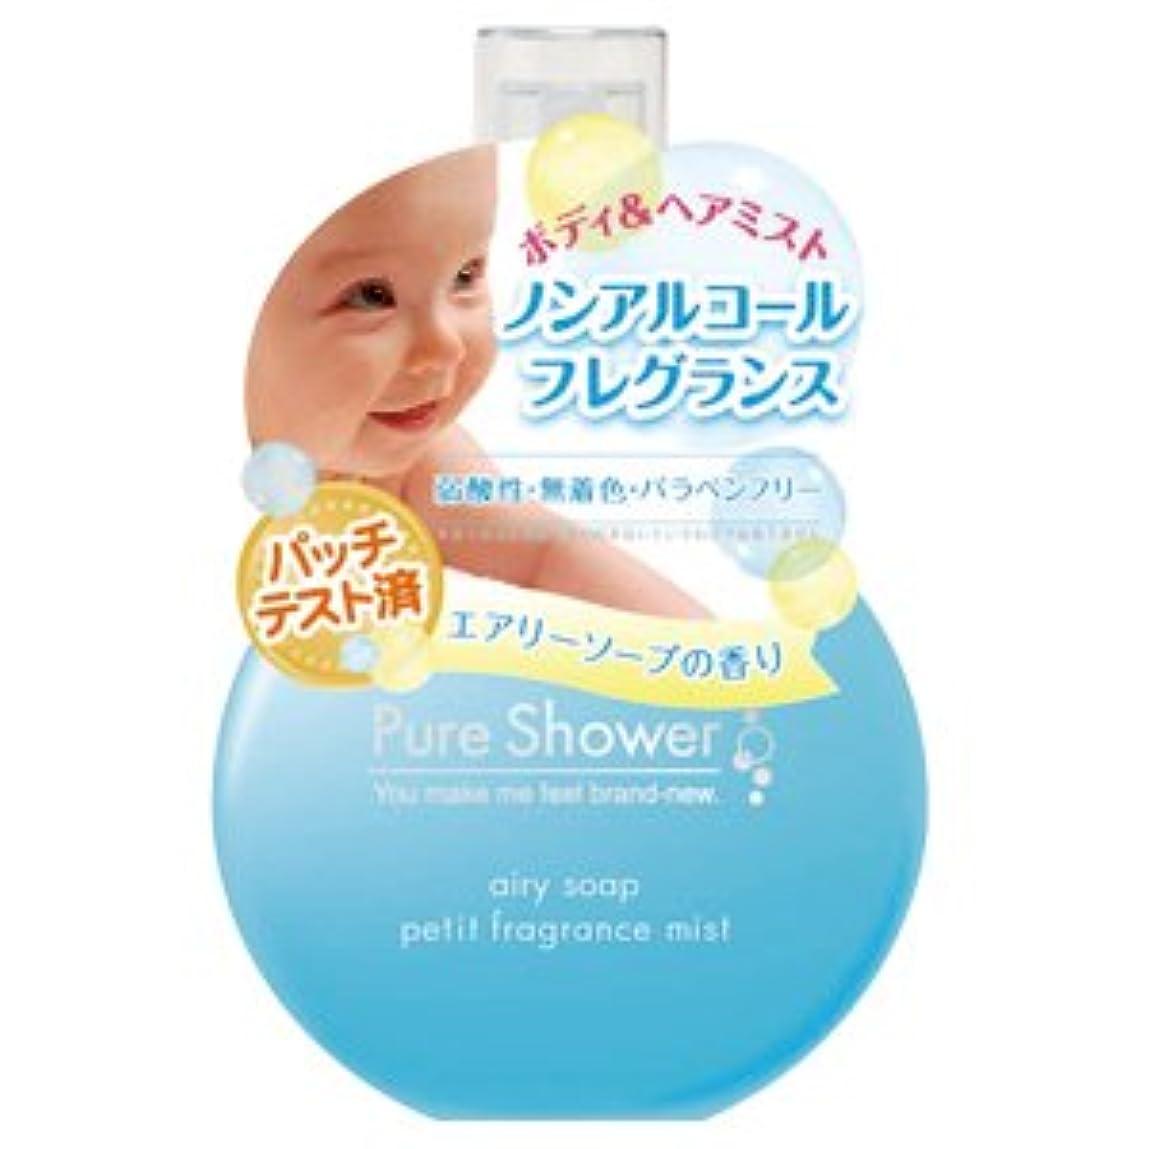 力真似る構造ピュアシャワー Pure Shower ノンアルコール フレグランスミスト エアリーソープ 50ml